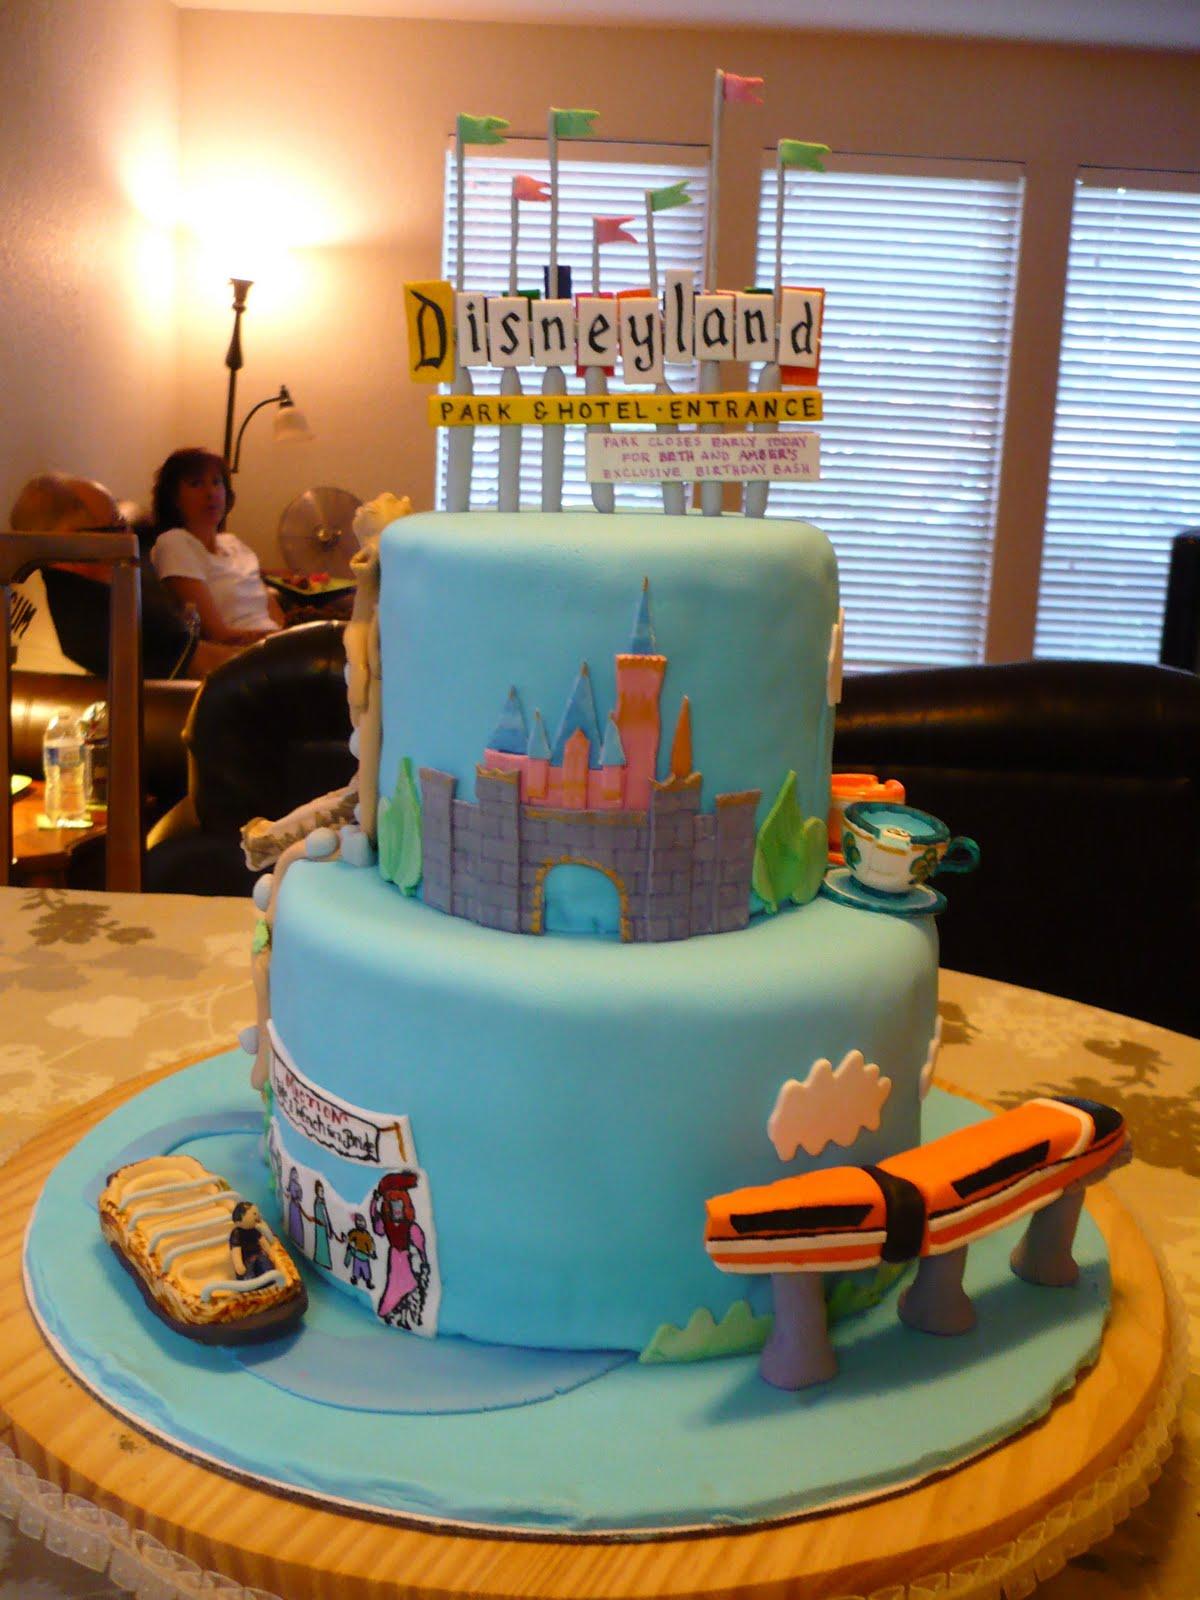 The Wright Report: DISNEYLAND CAKE!